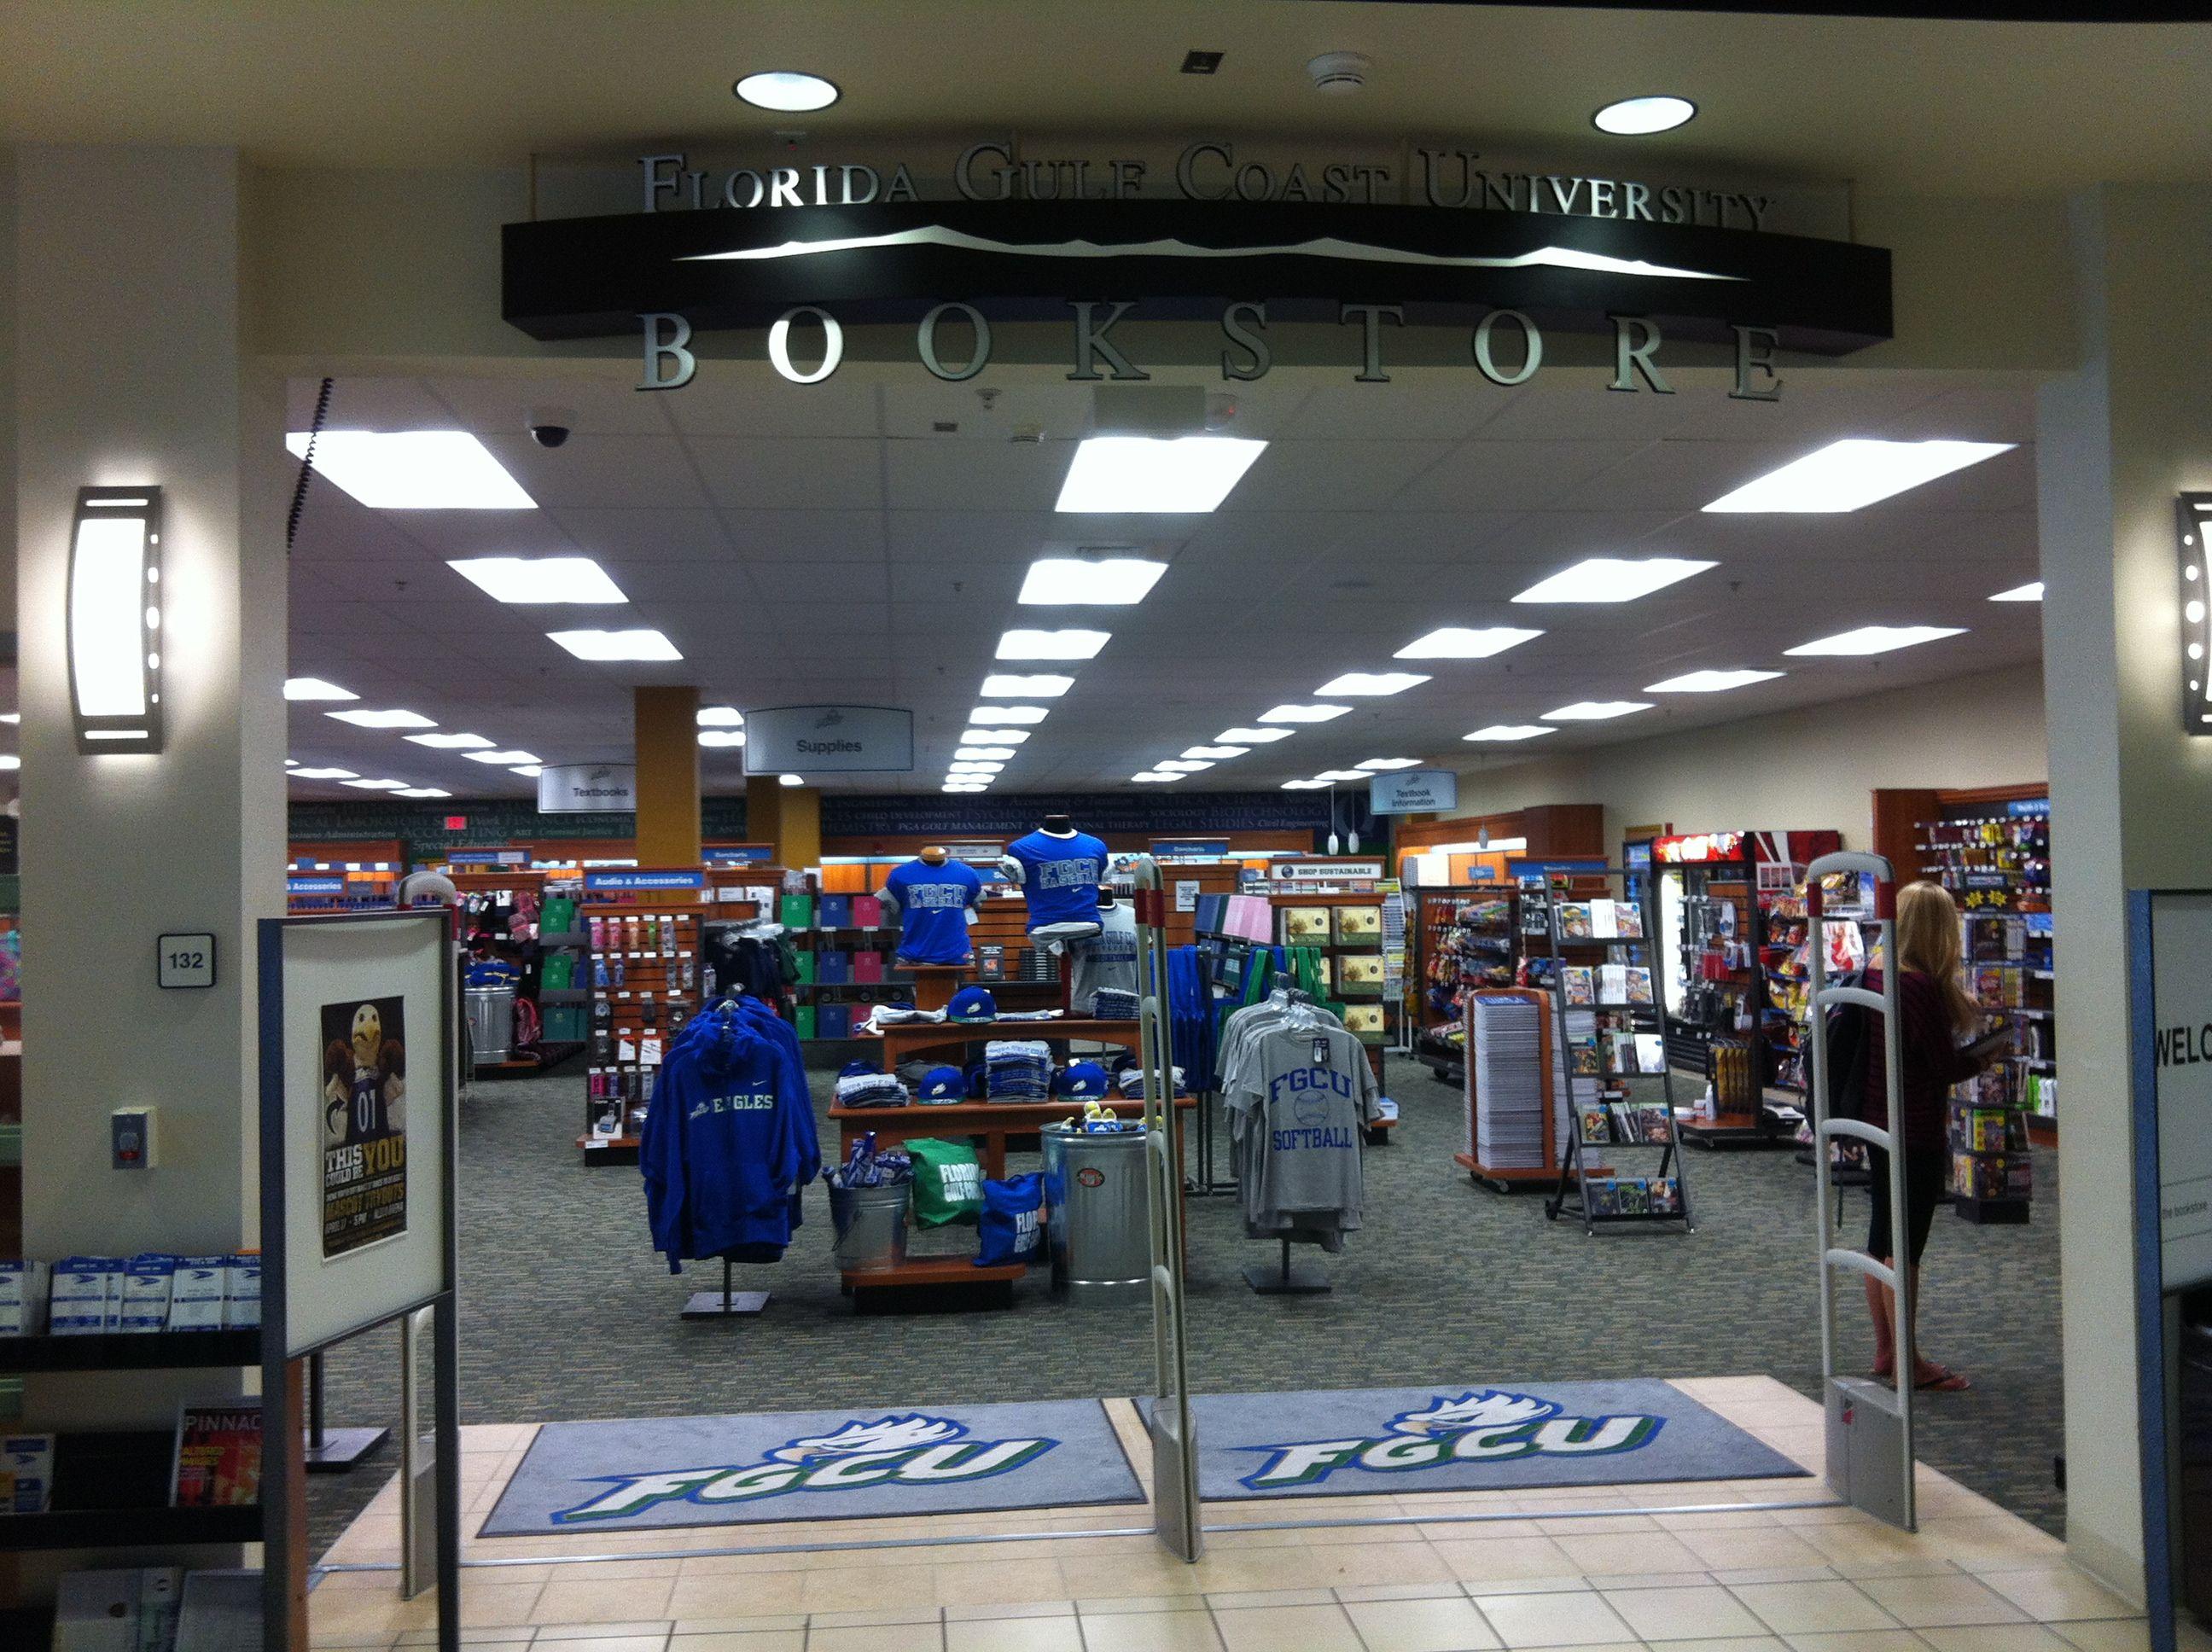 Florida Gulf Coast University S Bookstore Florida Gulf Coast University Gulf Coast Florida Florida